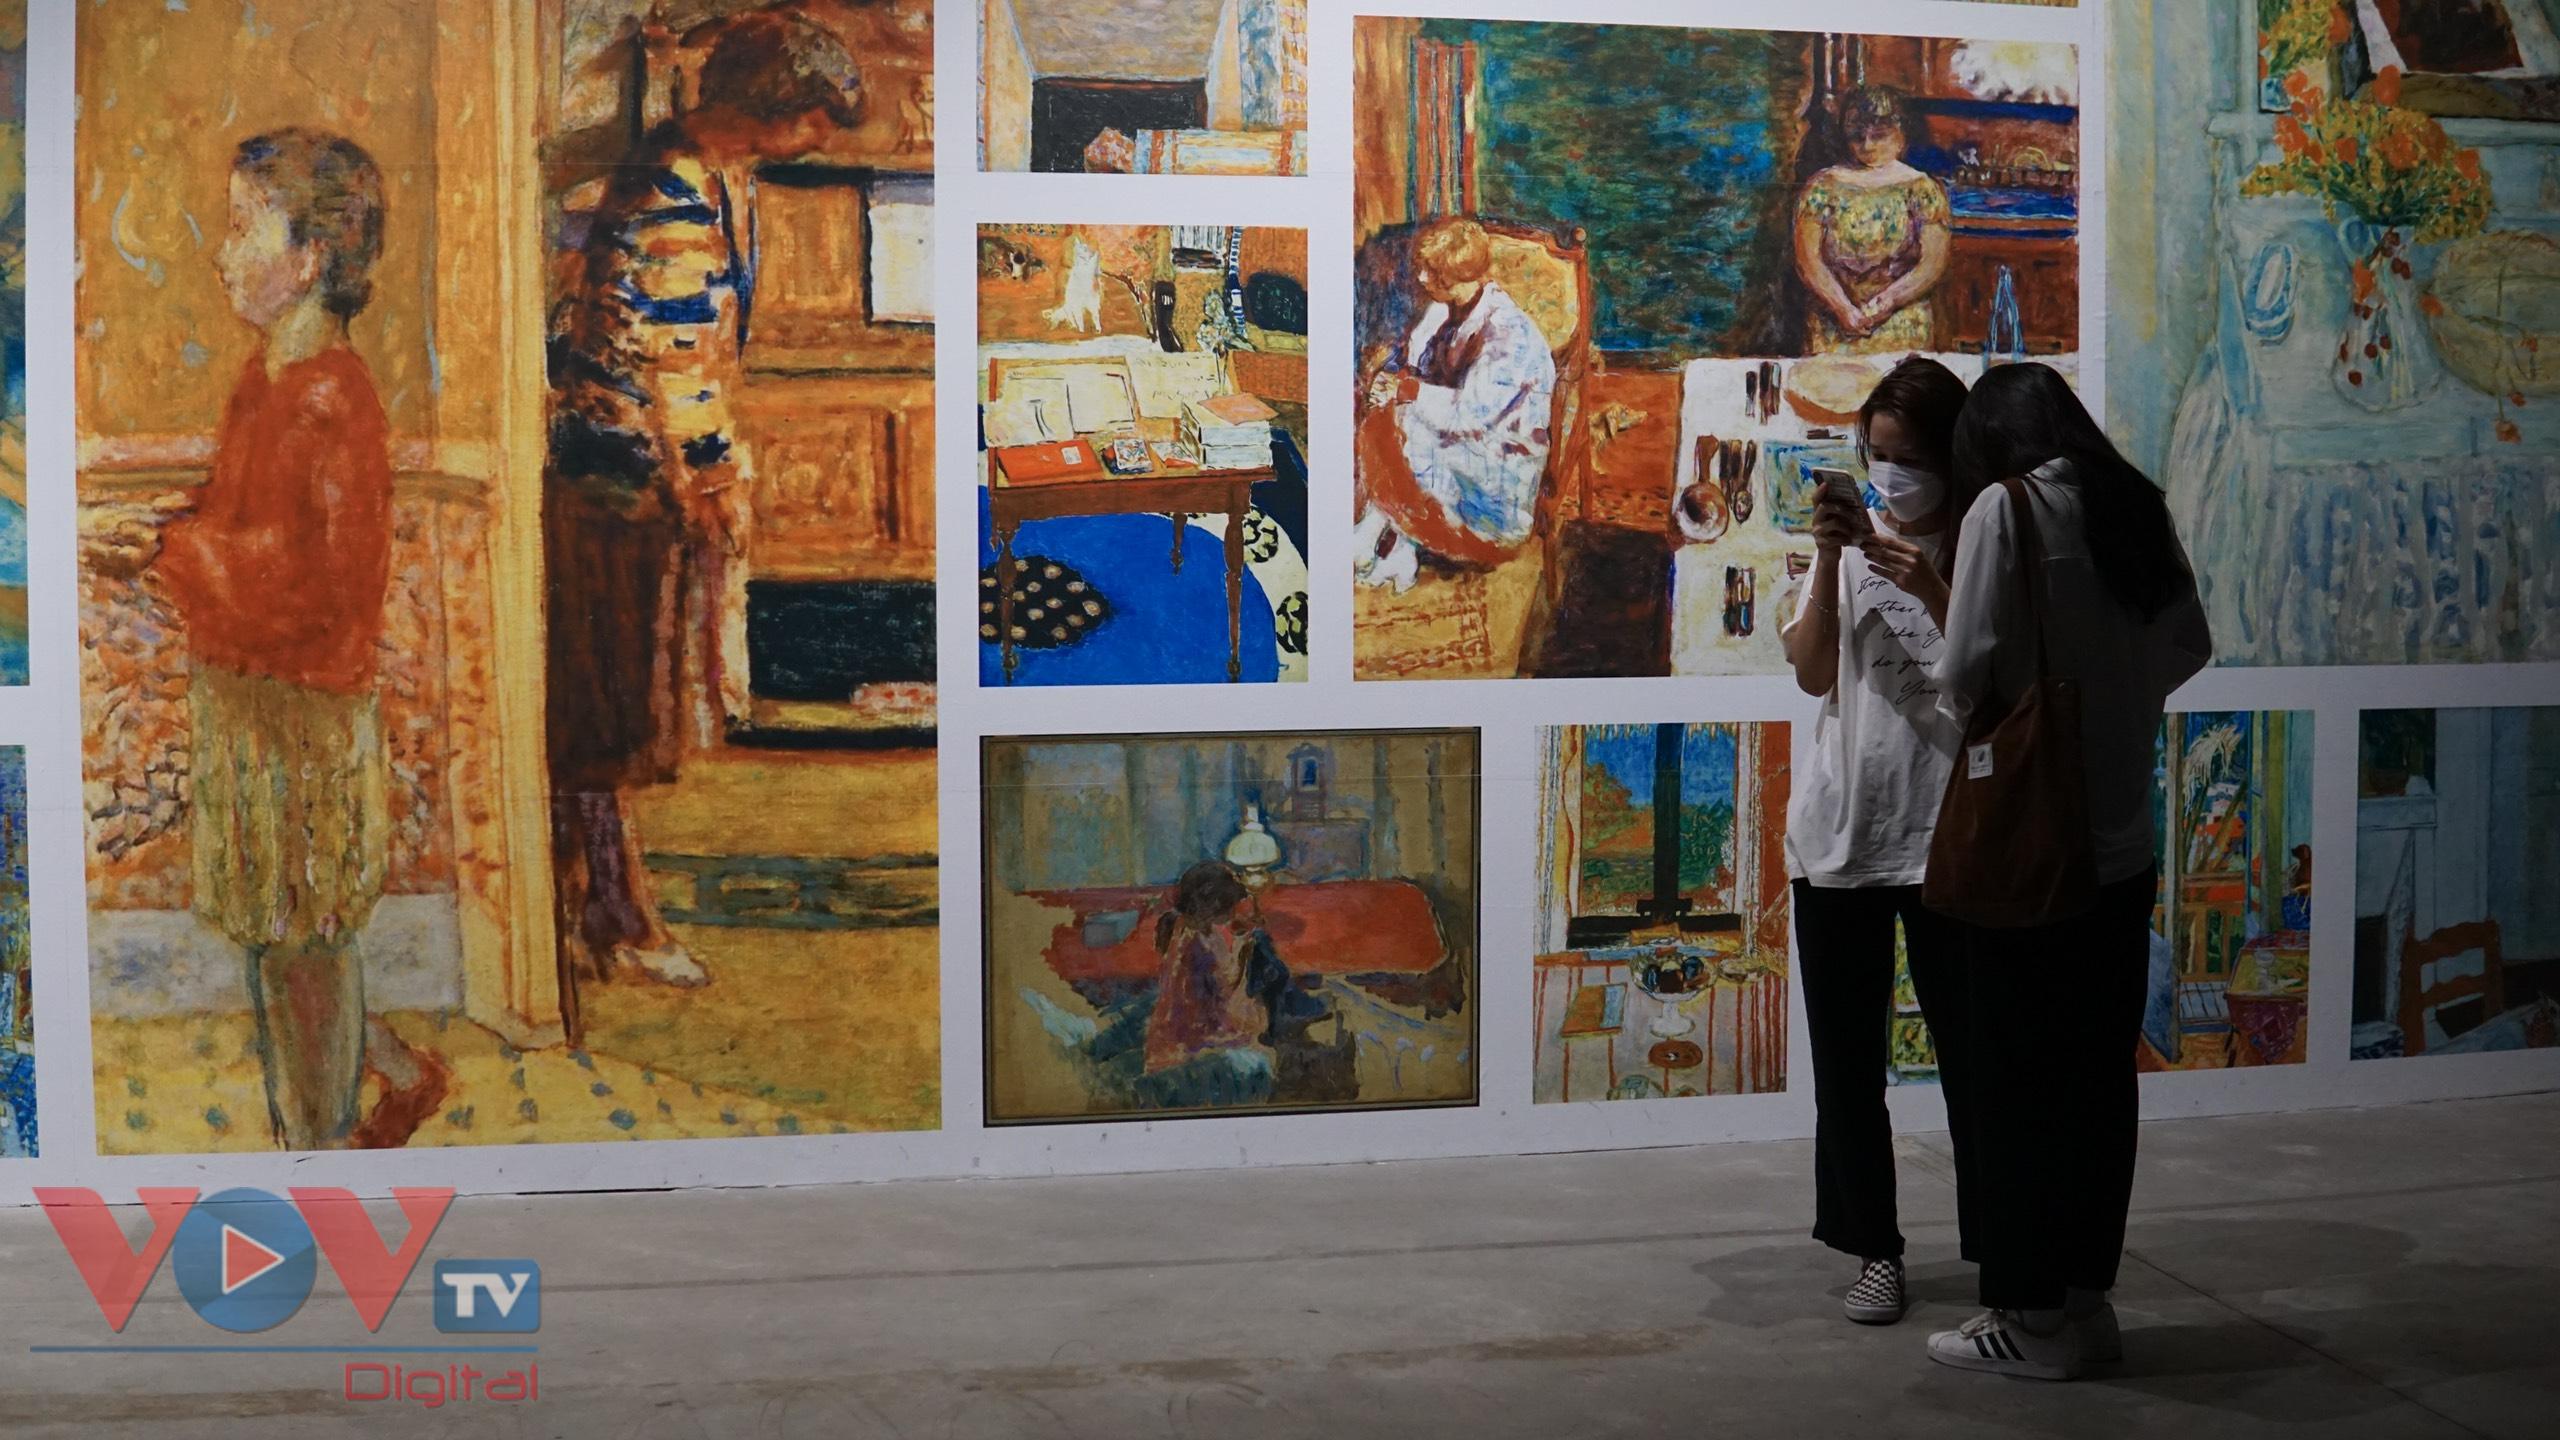 'Lặng yên rực rỡ': Cuộc chu du trong thế giới nghệ thuật - Ảnh 4.